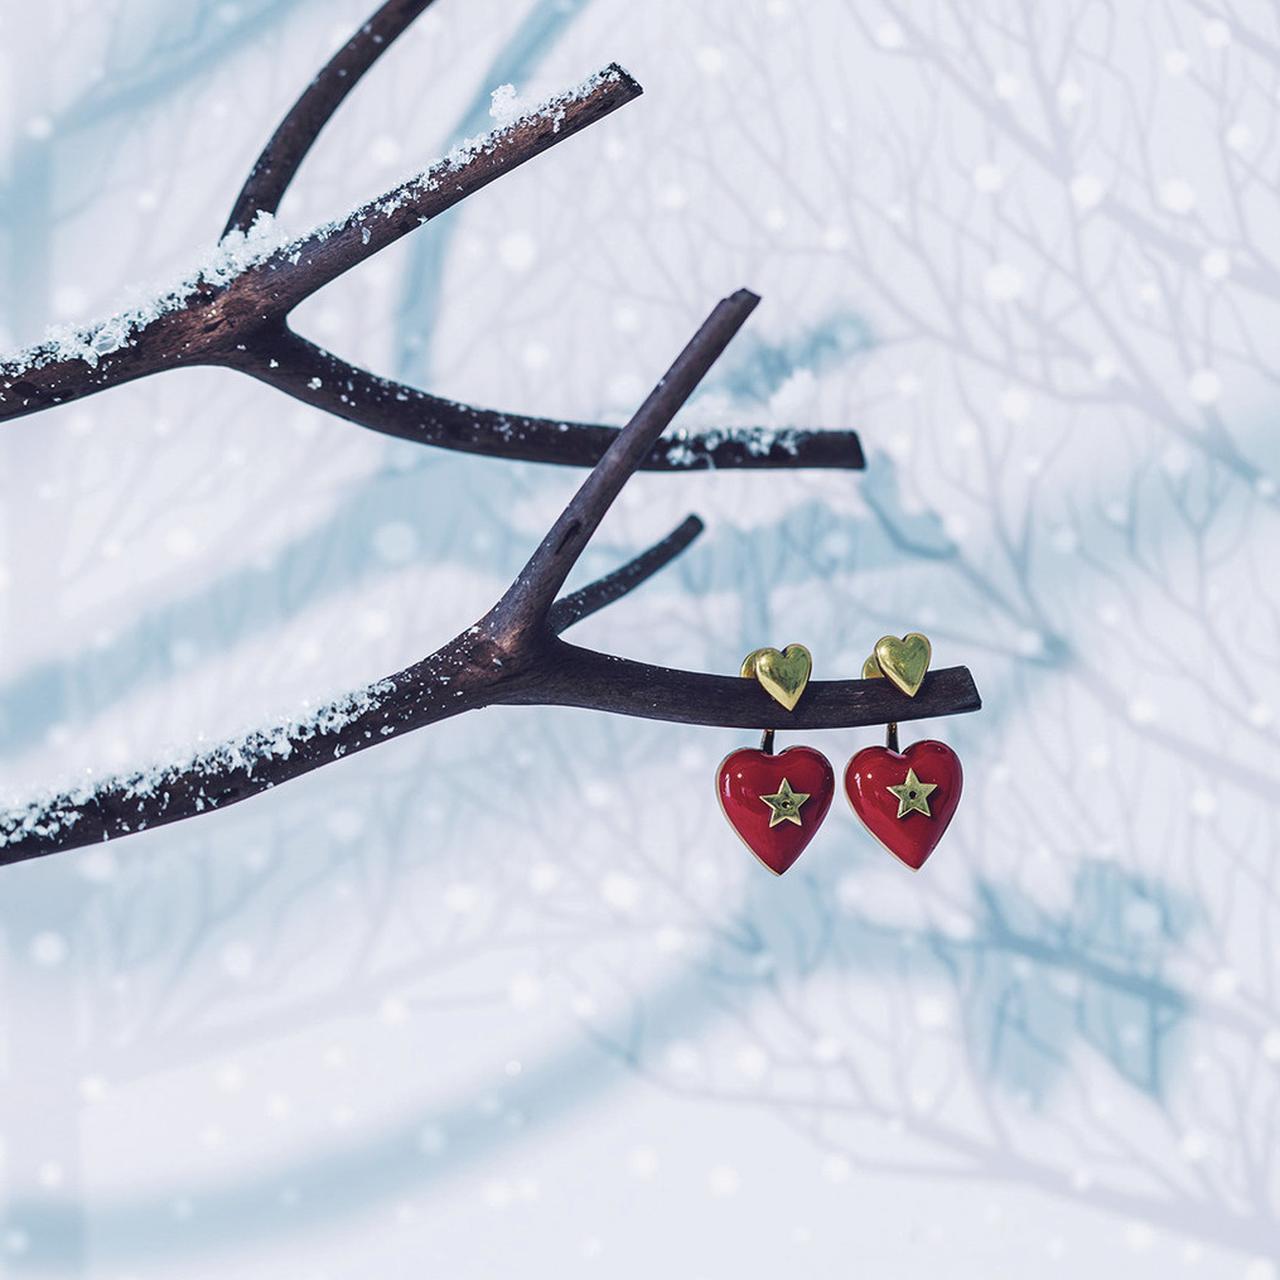 Images : 5番目の画像 - 「目利きが厳選。 大切な人へ届けたい 冬の贈り物 <Vol.2>」のアルバム - T JAPAN:The New York Times Style Magazine 公式サイト